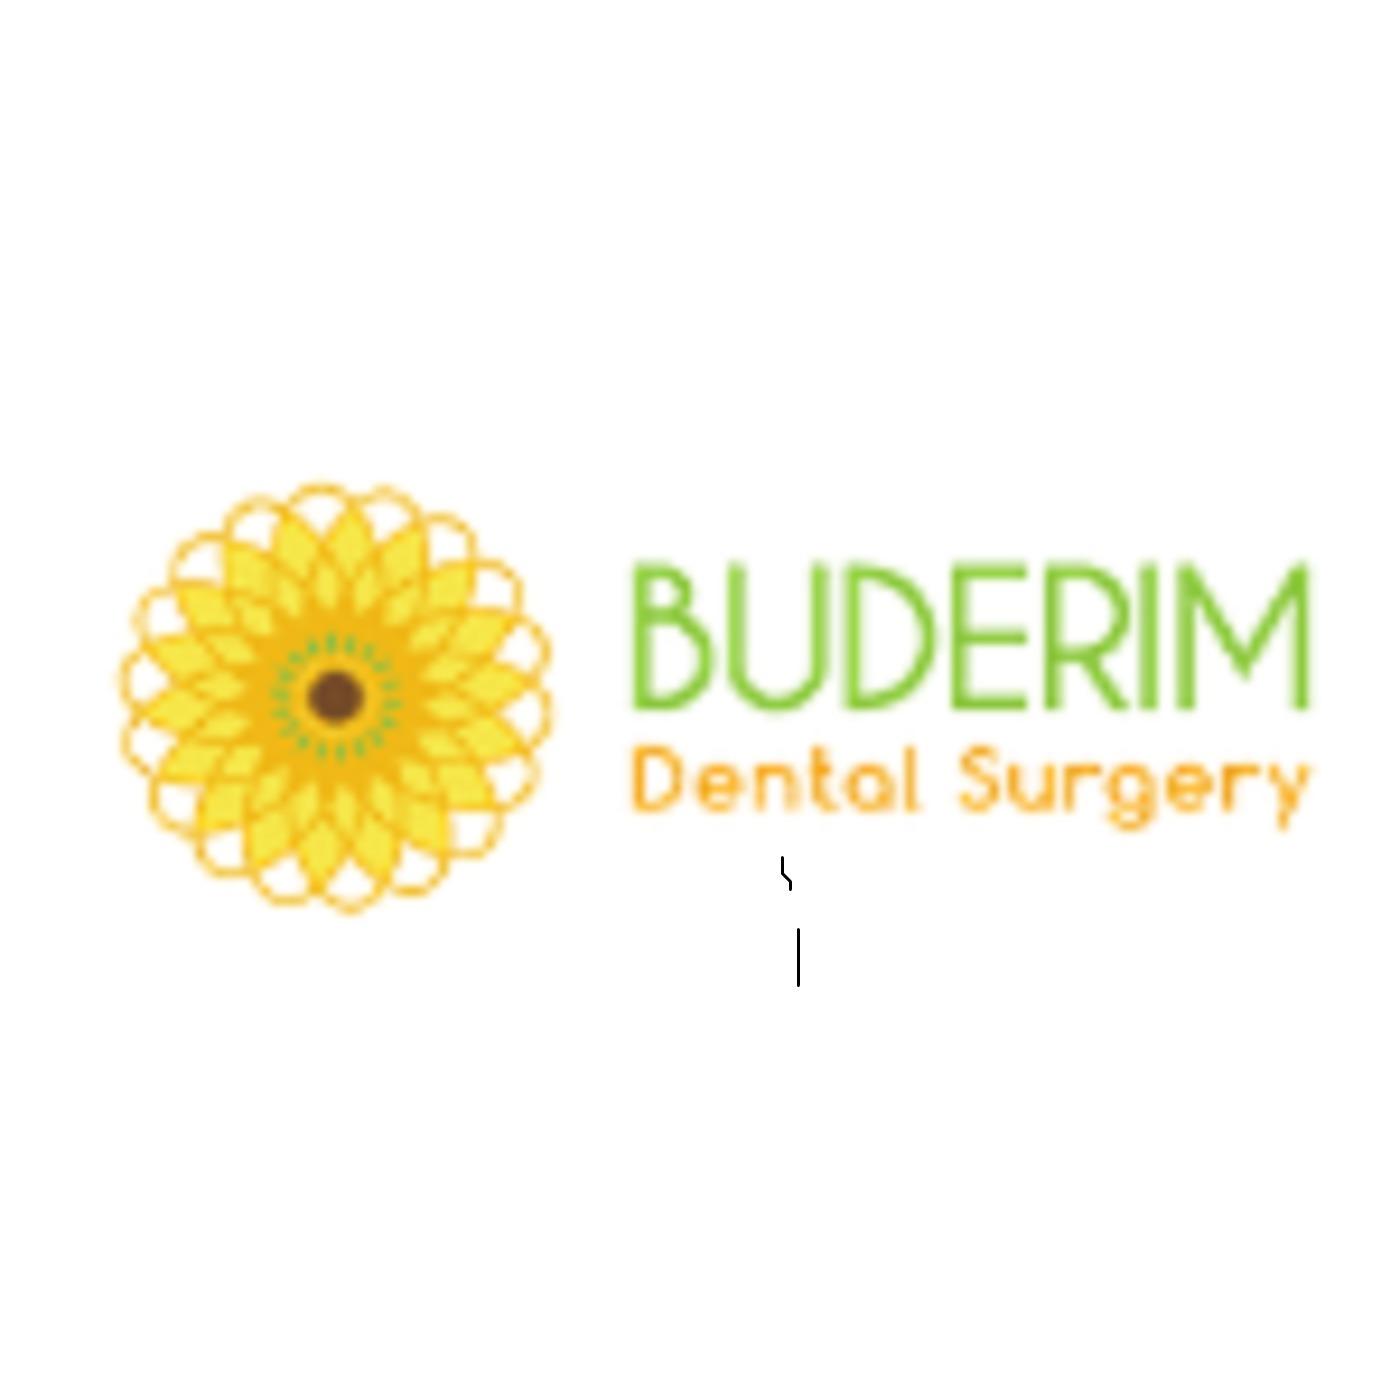 Buderim Dental Surgery (@emergencydentistsunshinecoast2) Cover Image